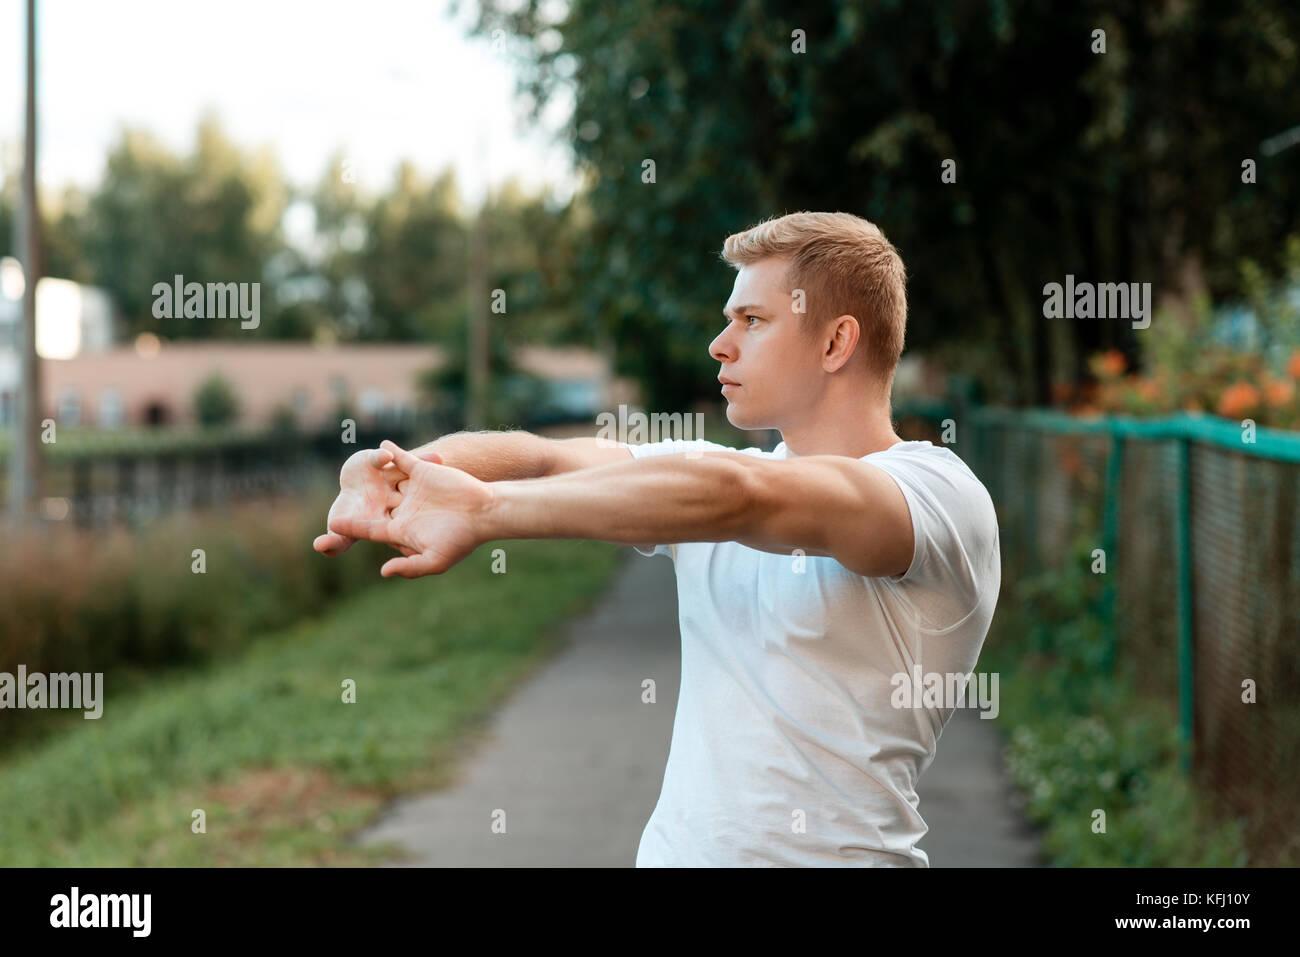 Atleta maschio warm-up in natura, Street nella città, riscaldare i muscoli delle mani. In estate nel parco. Immagini Stock